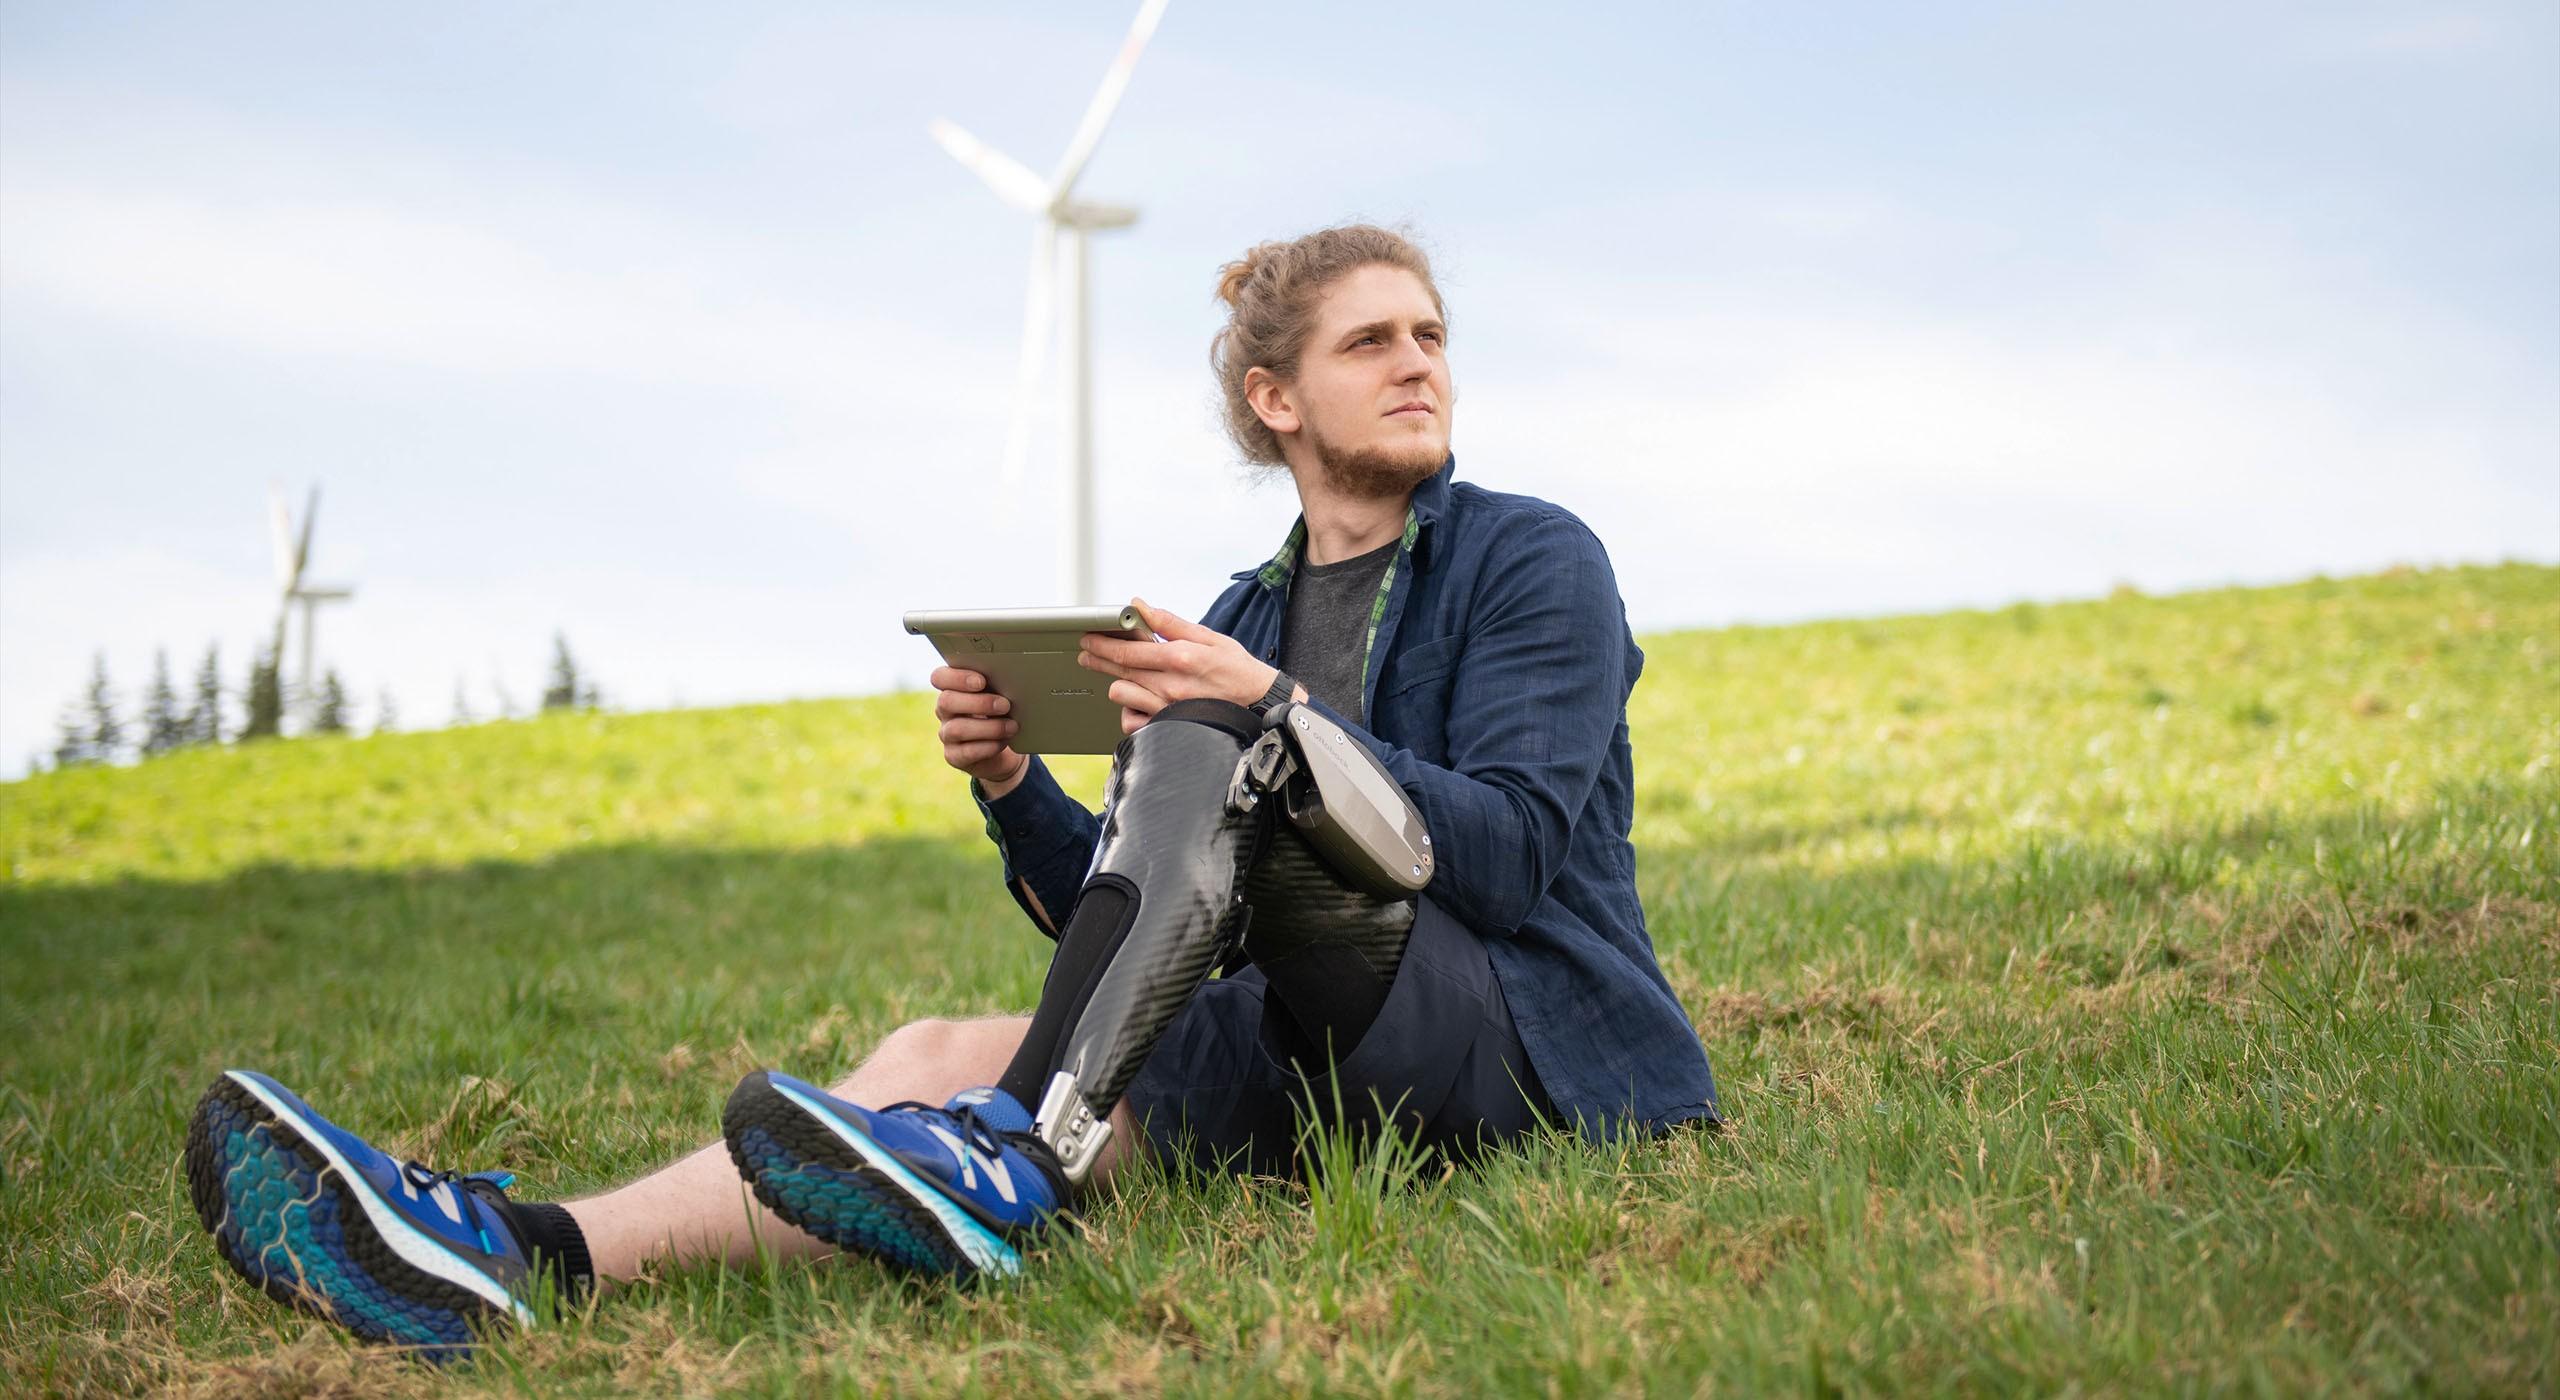 Mann mit Beinprothese sitzt auf Wiese und schaut in die Ferne